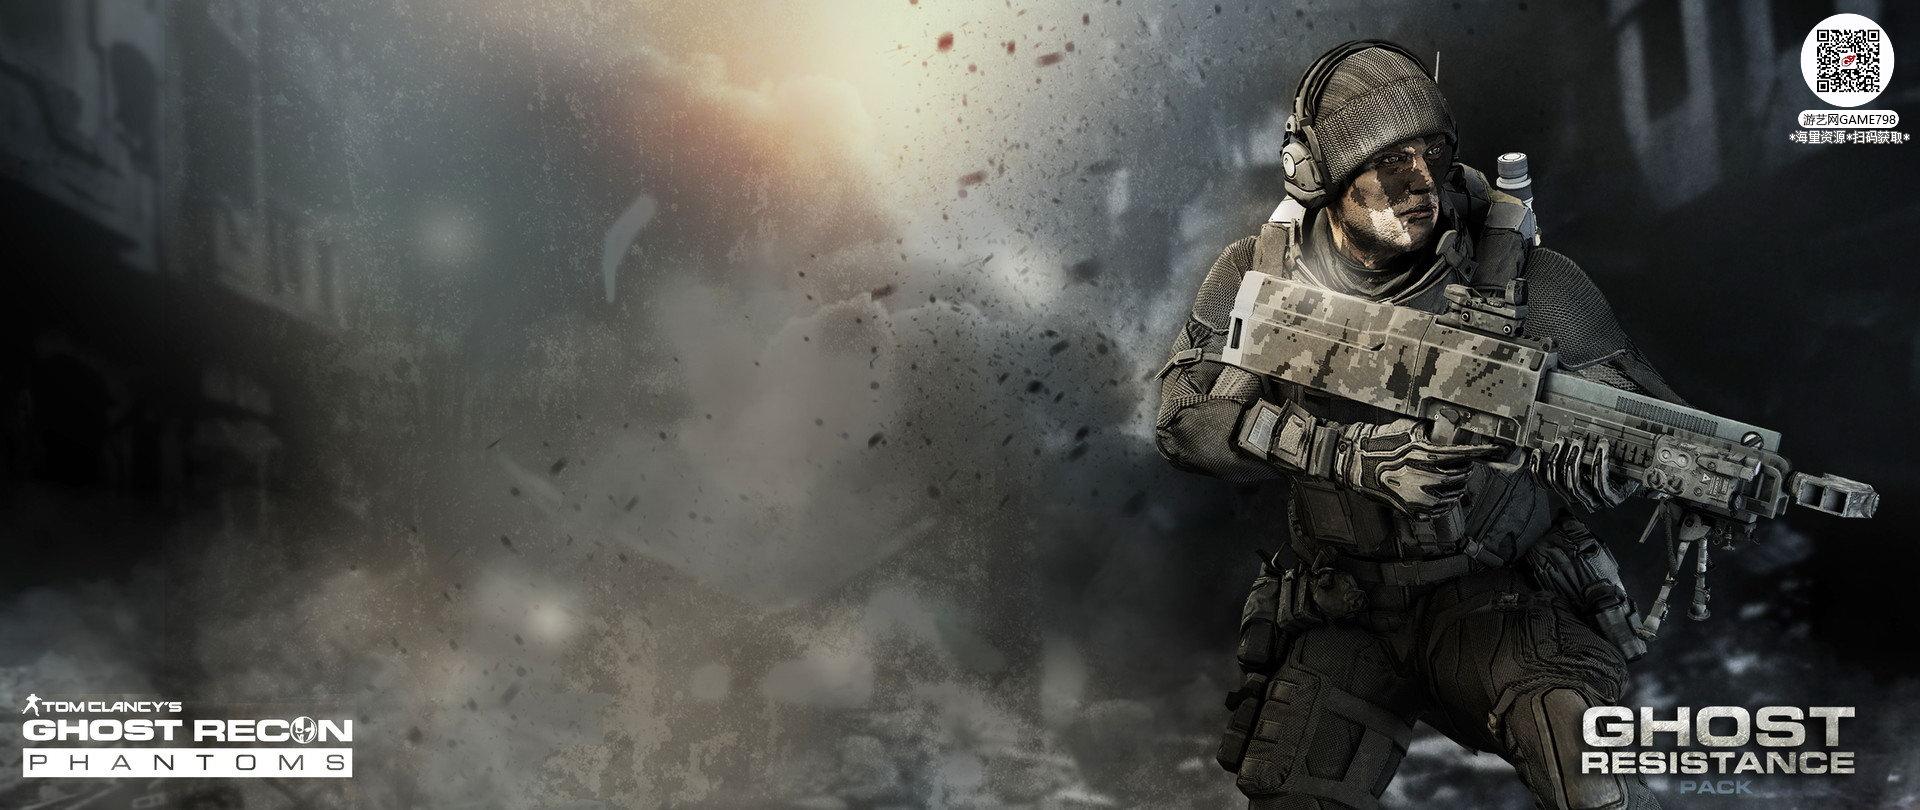 033_关注游艺网公众号获海量资源_幽灵行动未来战士次世代游戏3D模型参考原画概念设定.jpg